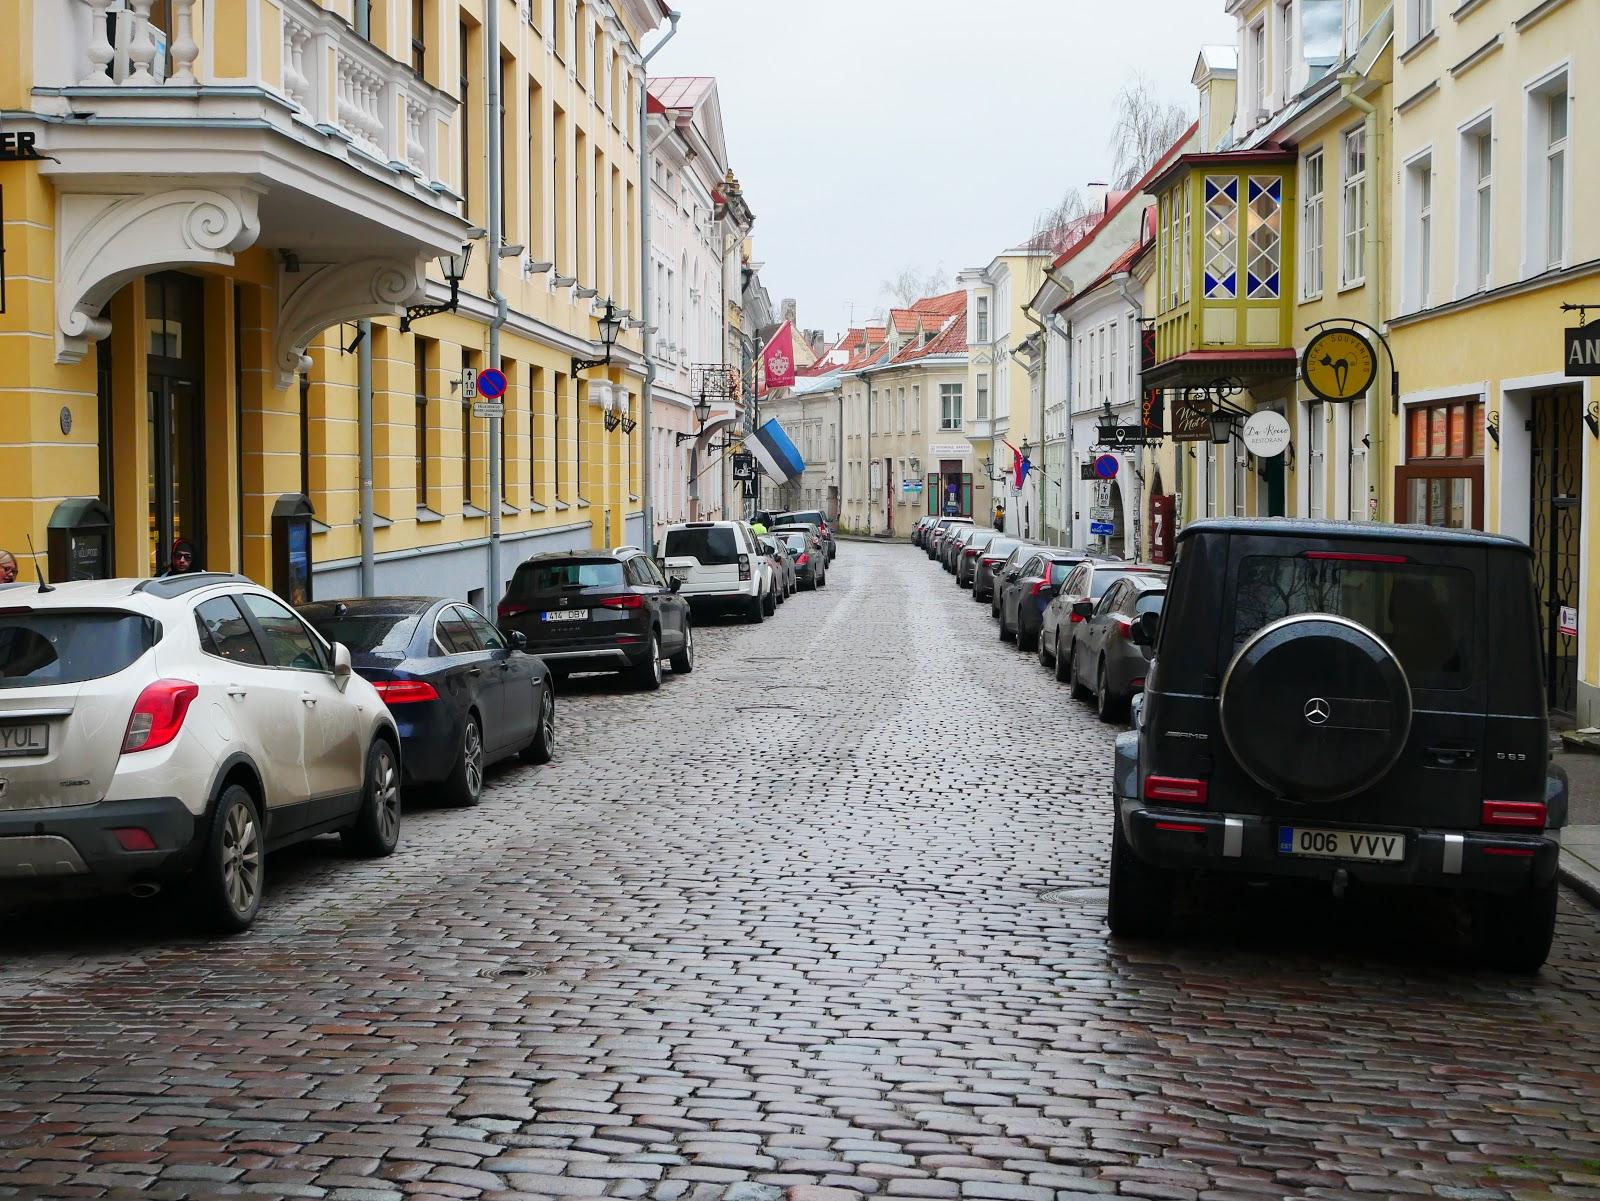 Prostituutio Tallinnassa: seksin hinta alimmillaan vain 10 euroa